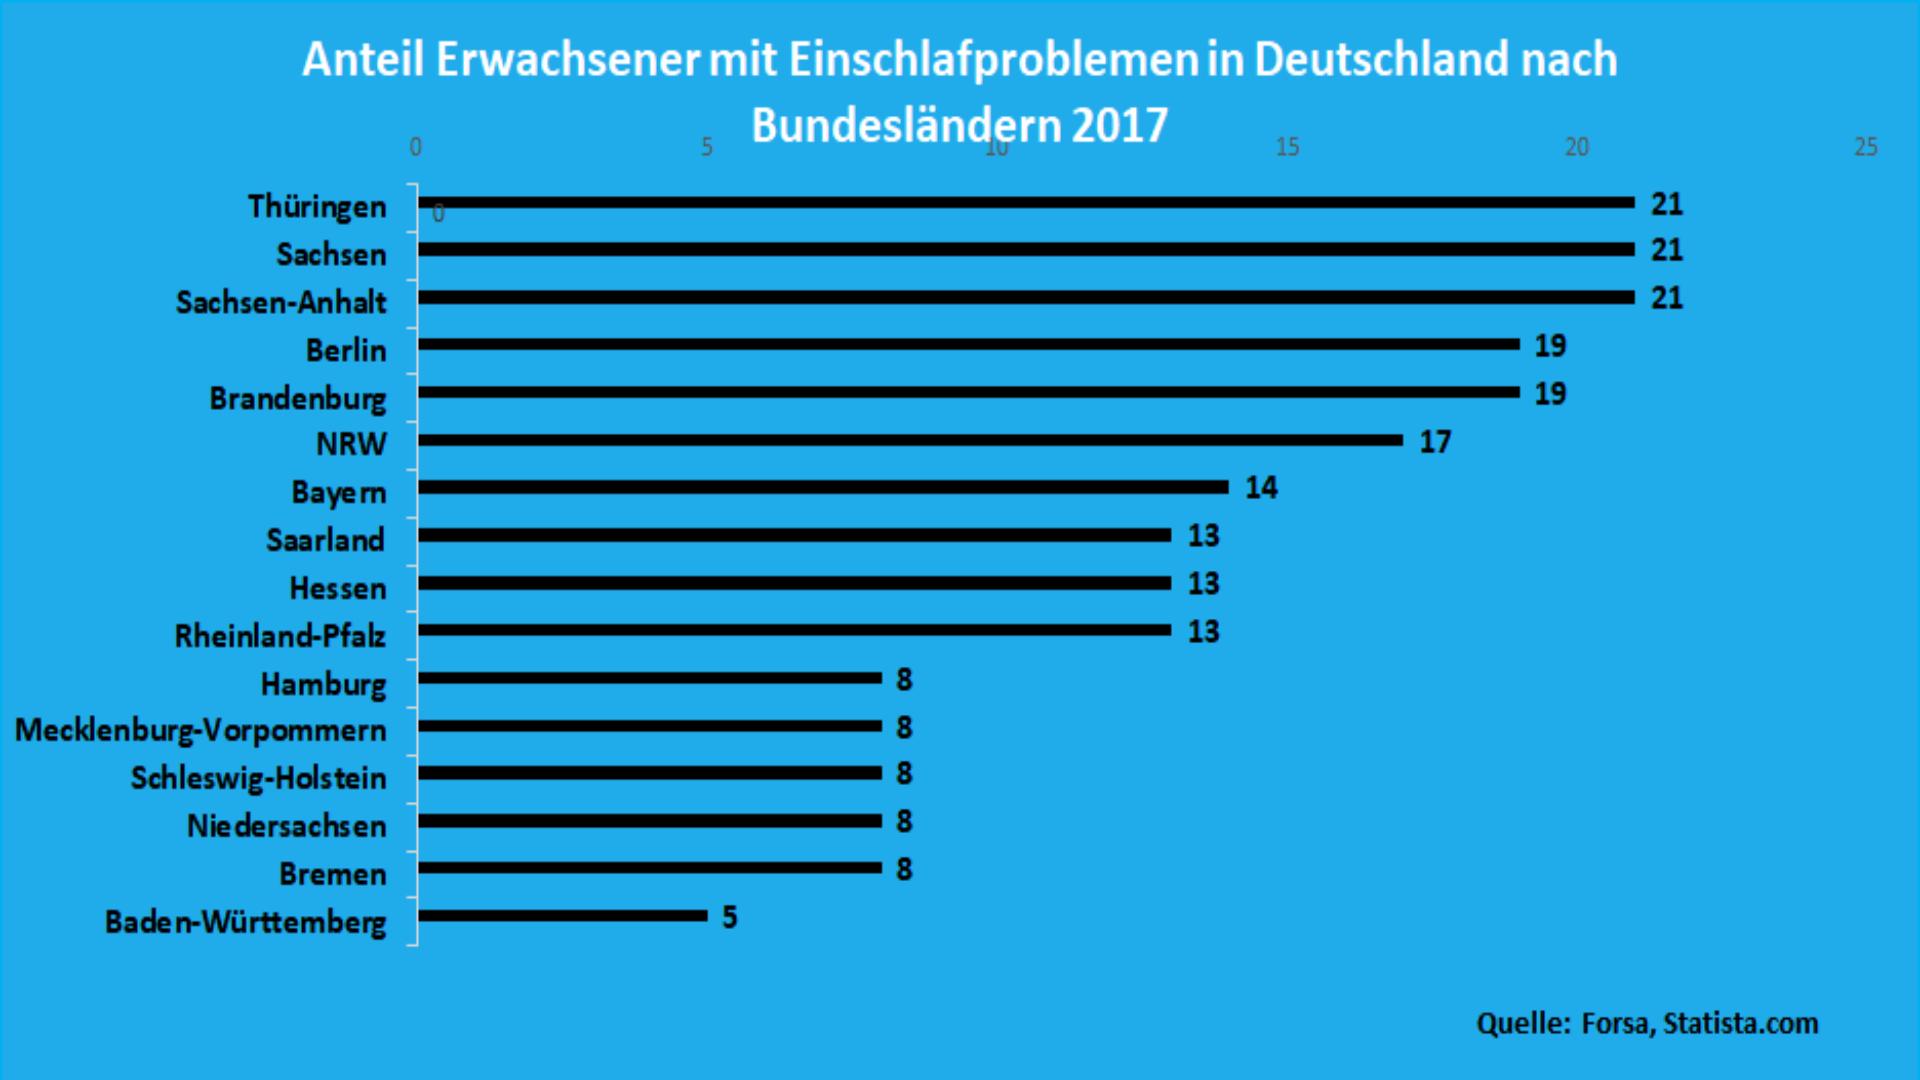 Anteil Erwachsener mit Einschlafproblemen in Deutschland nach Bundesländern 2017